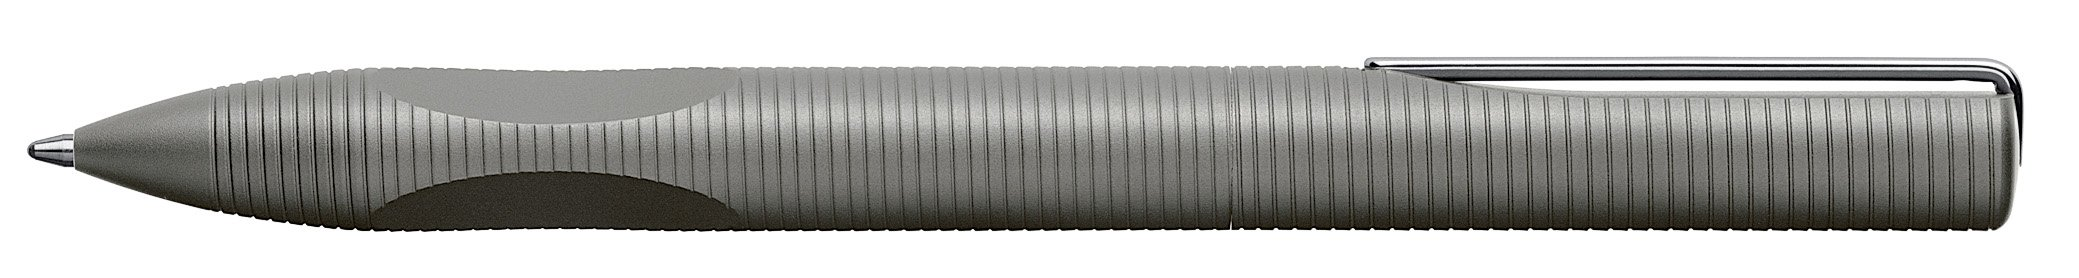 Porsche Design Aluminium Ballpoint Pen in Titanium (989285)